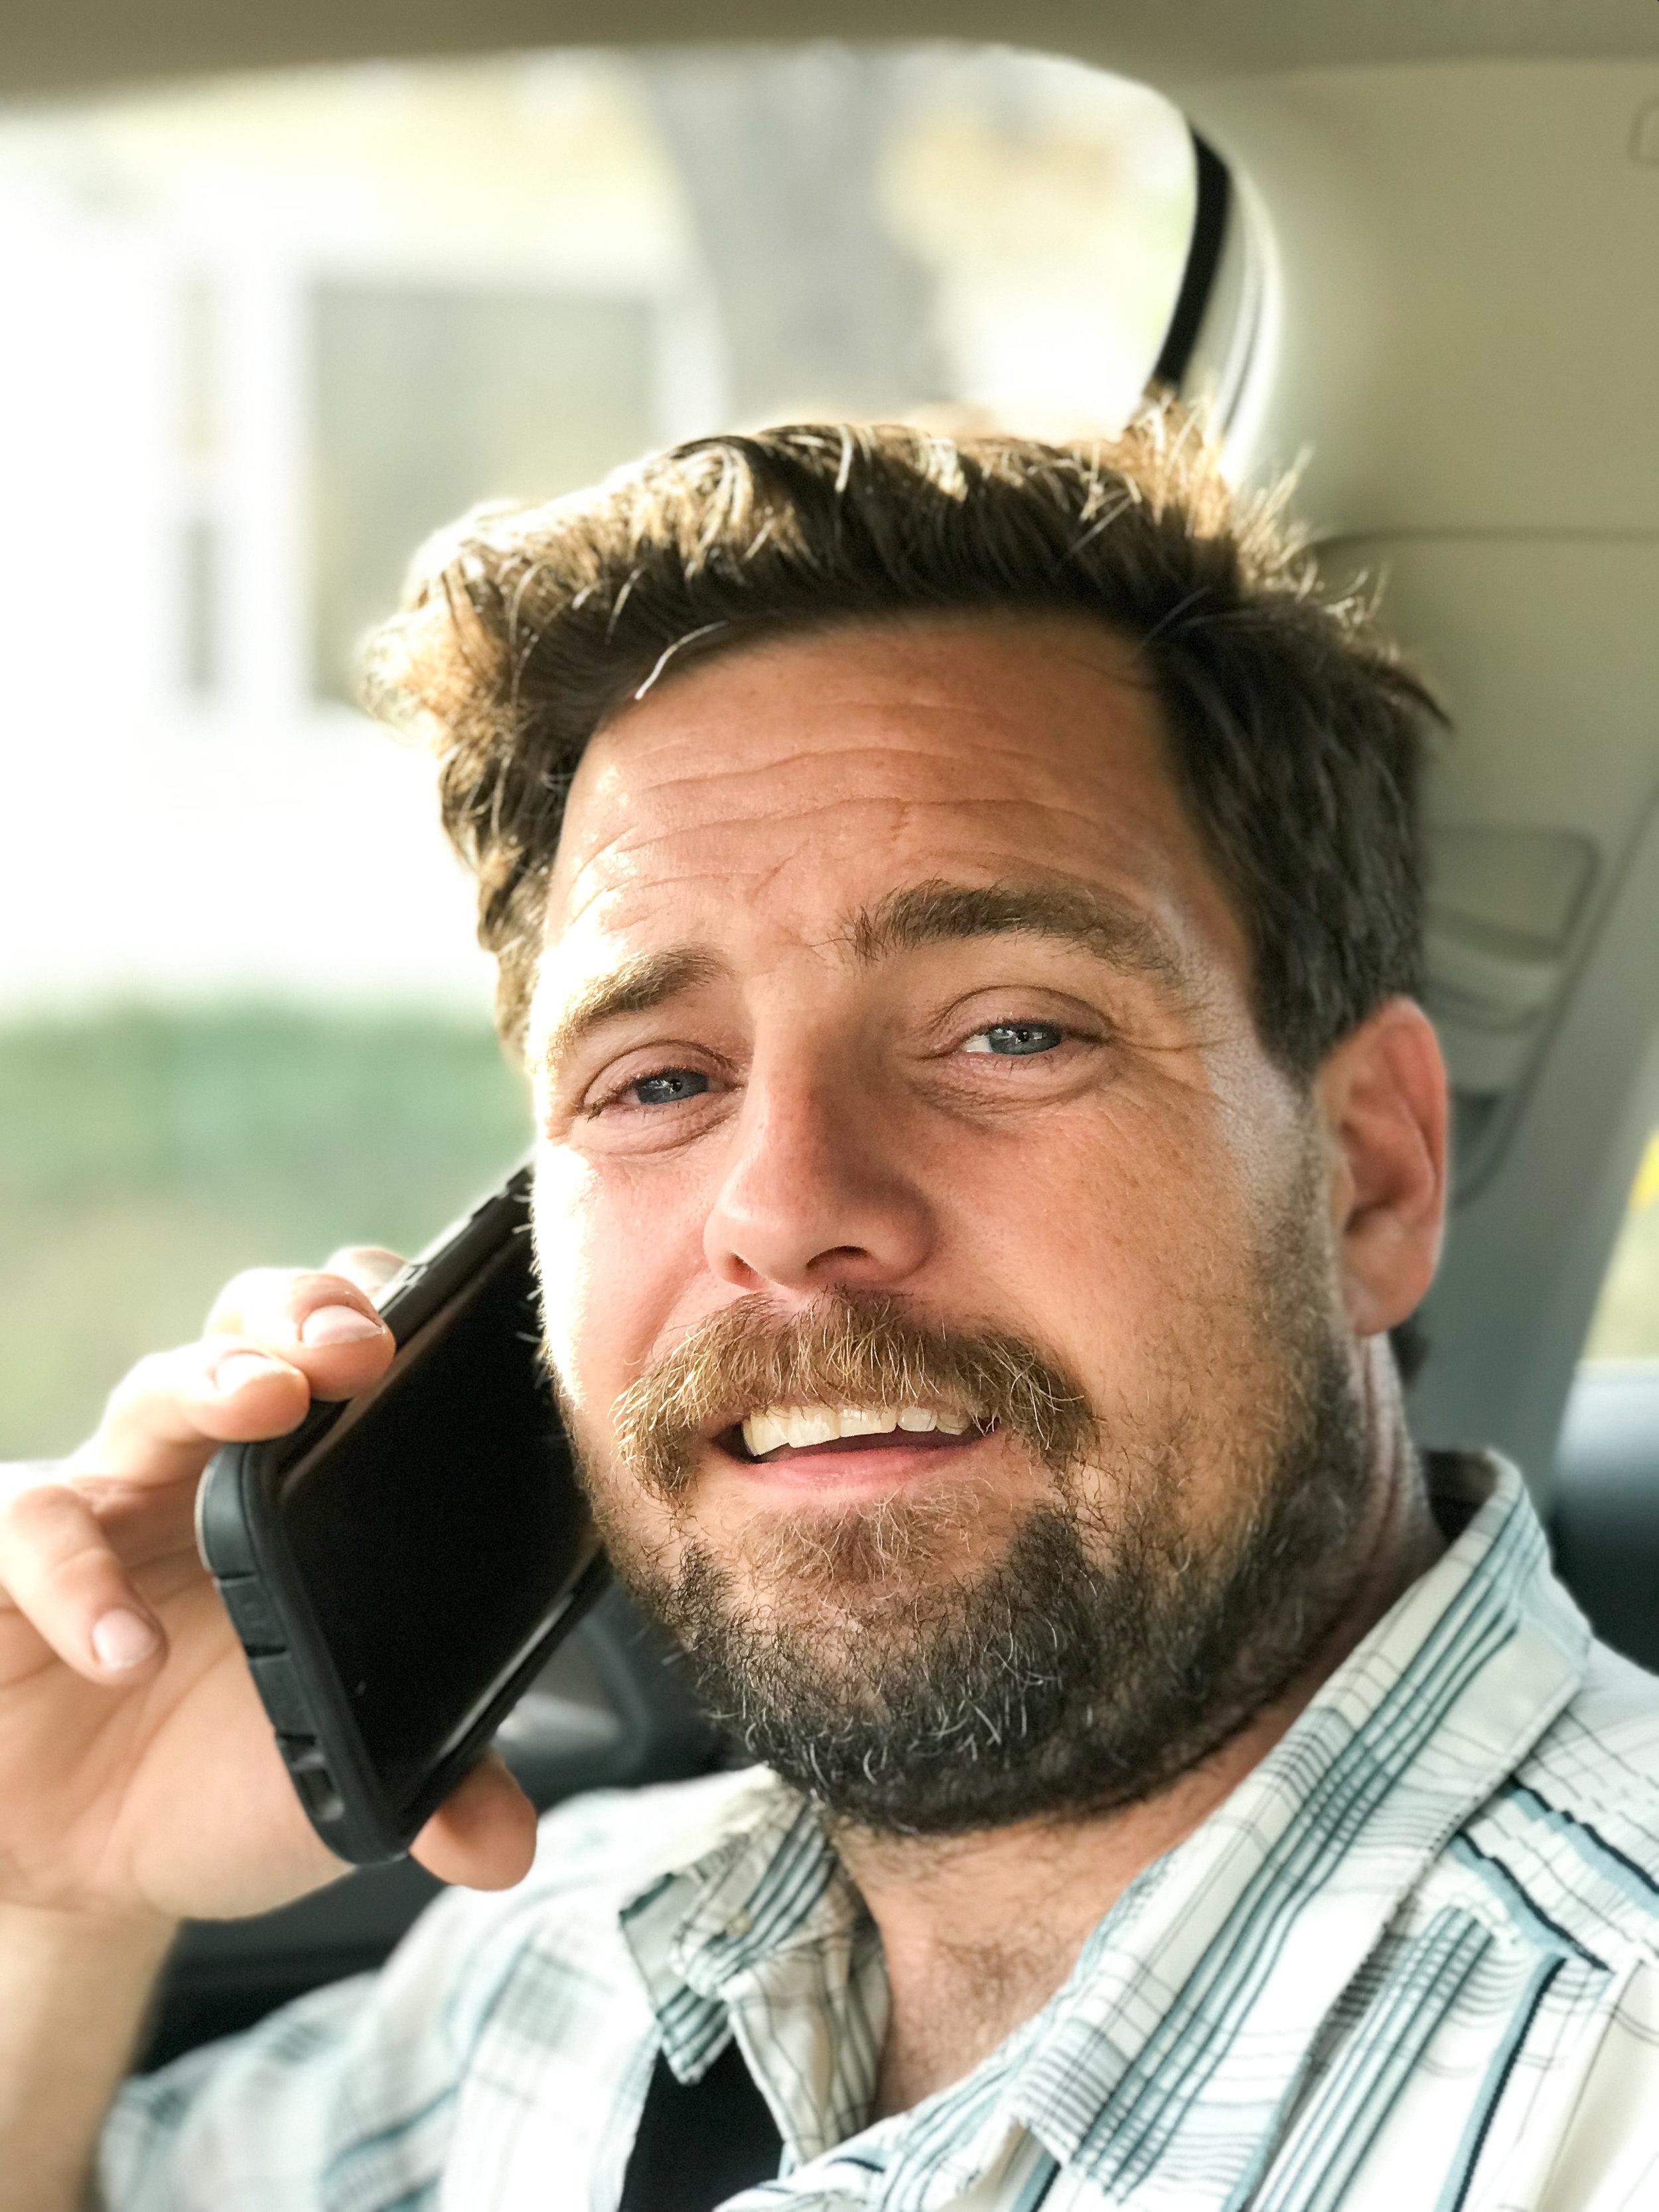 joe on phone-2.jpg